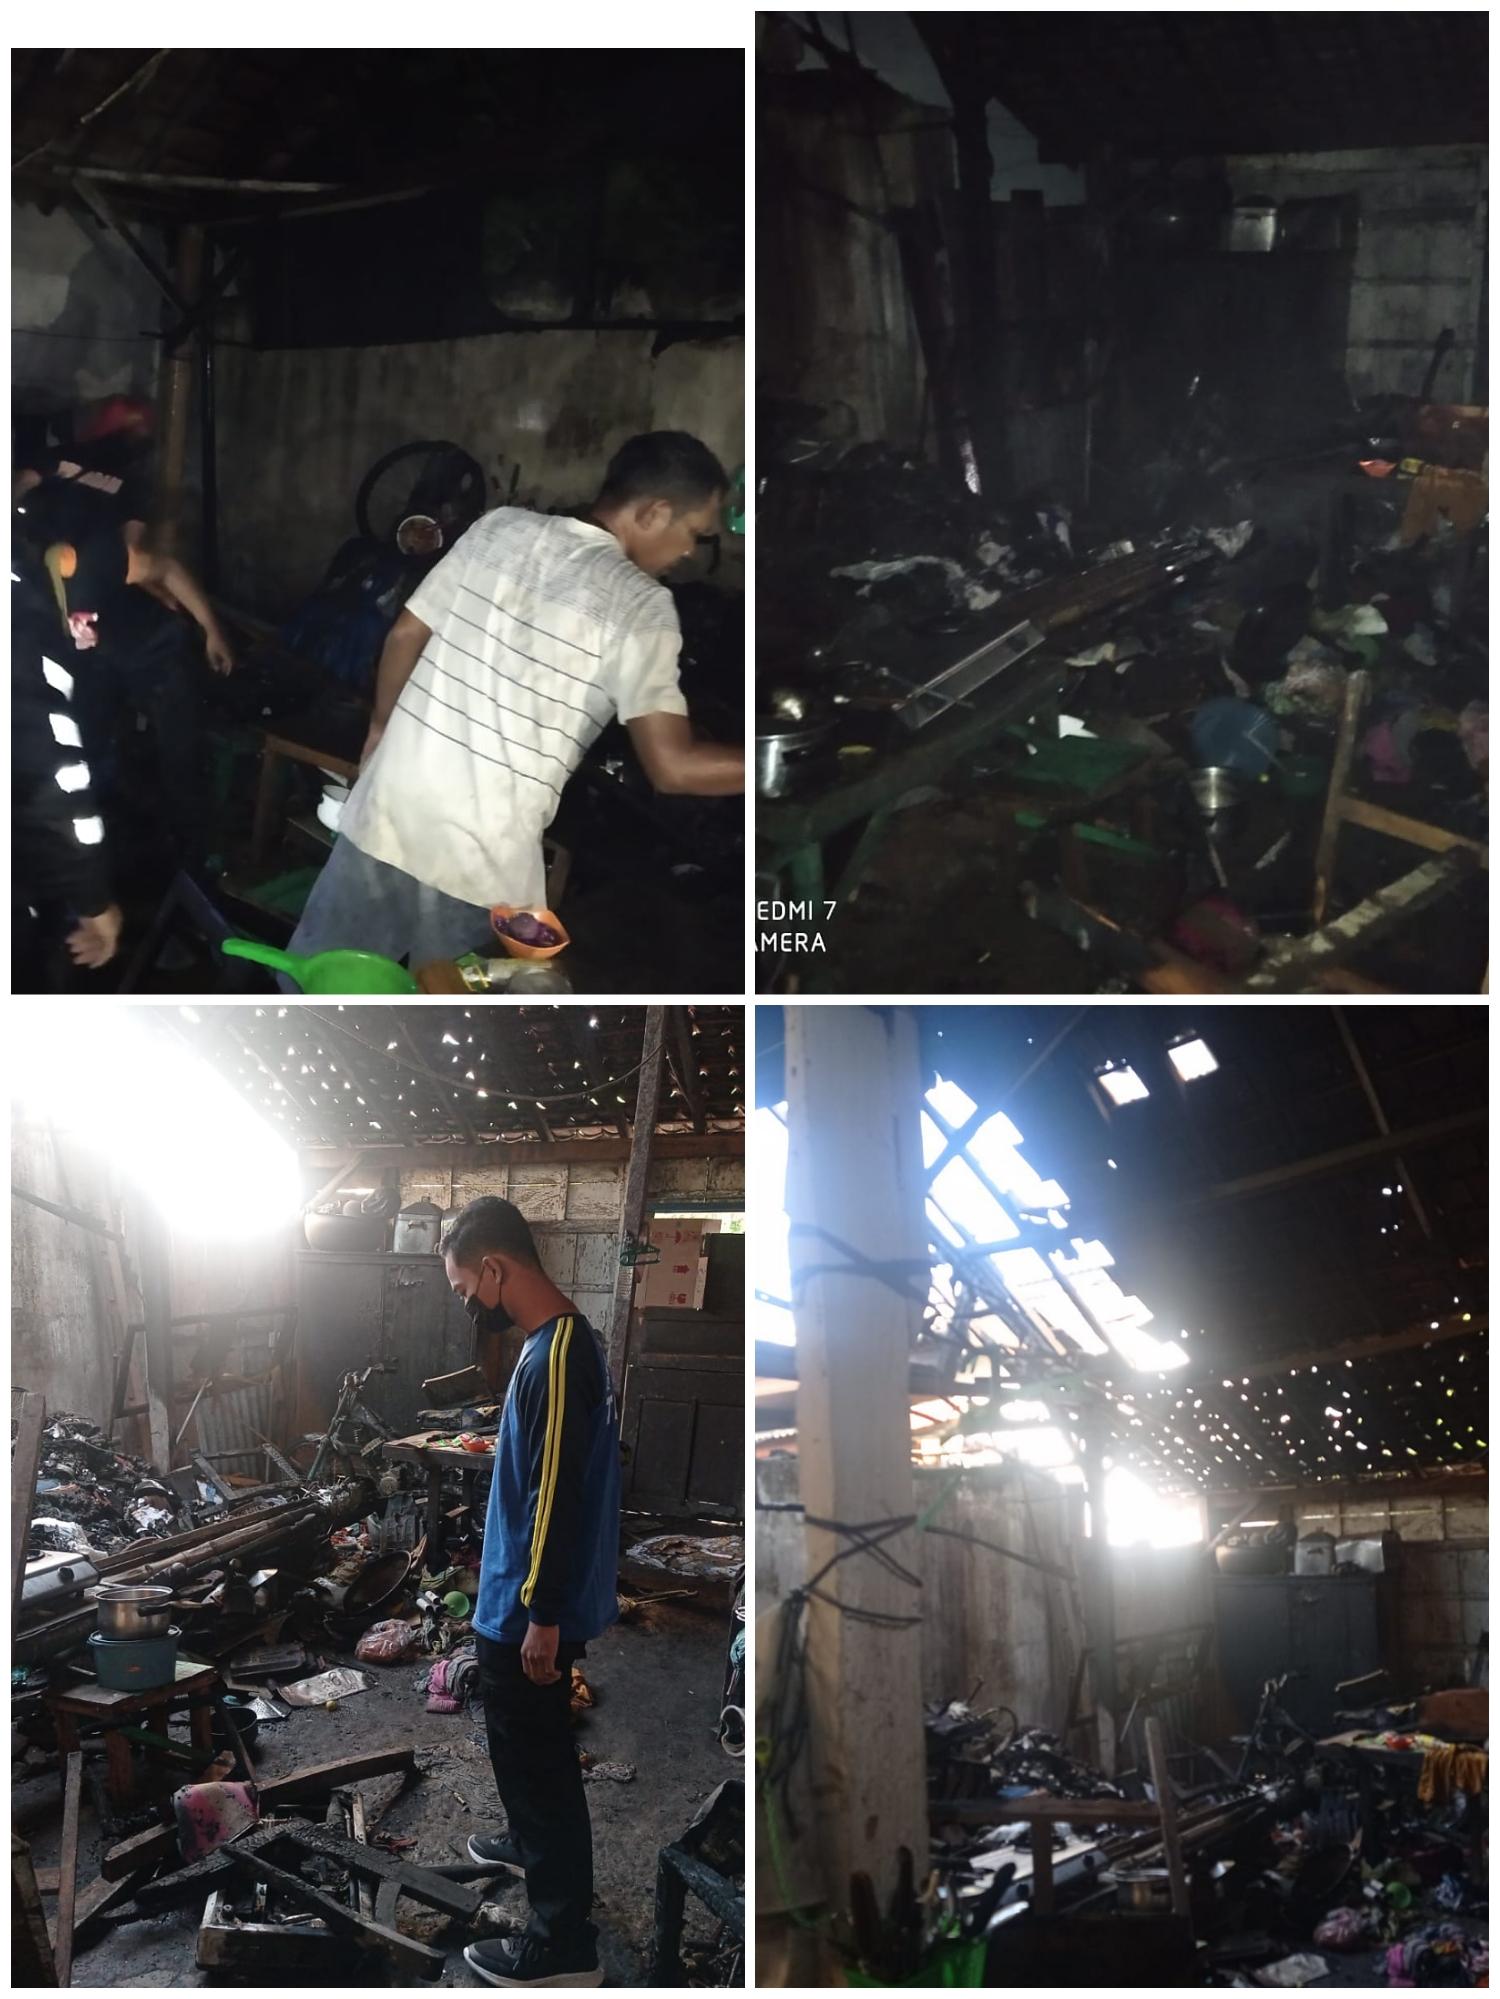 Kebakaran di Situbondo, Tagana Bersihkan Puing Kebakaran dan Lakukan Asesmen